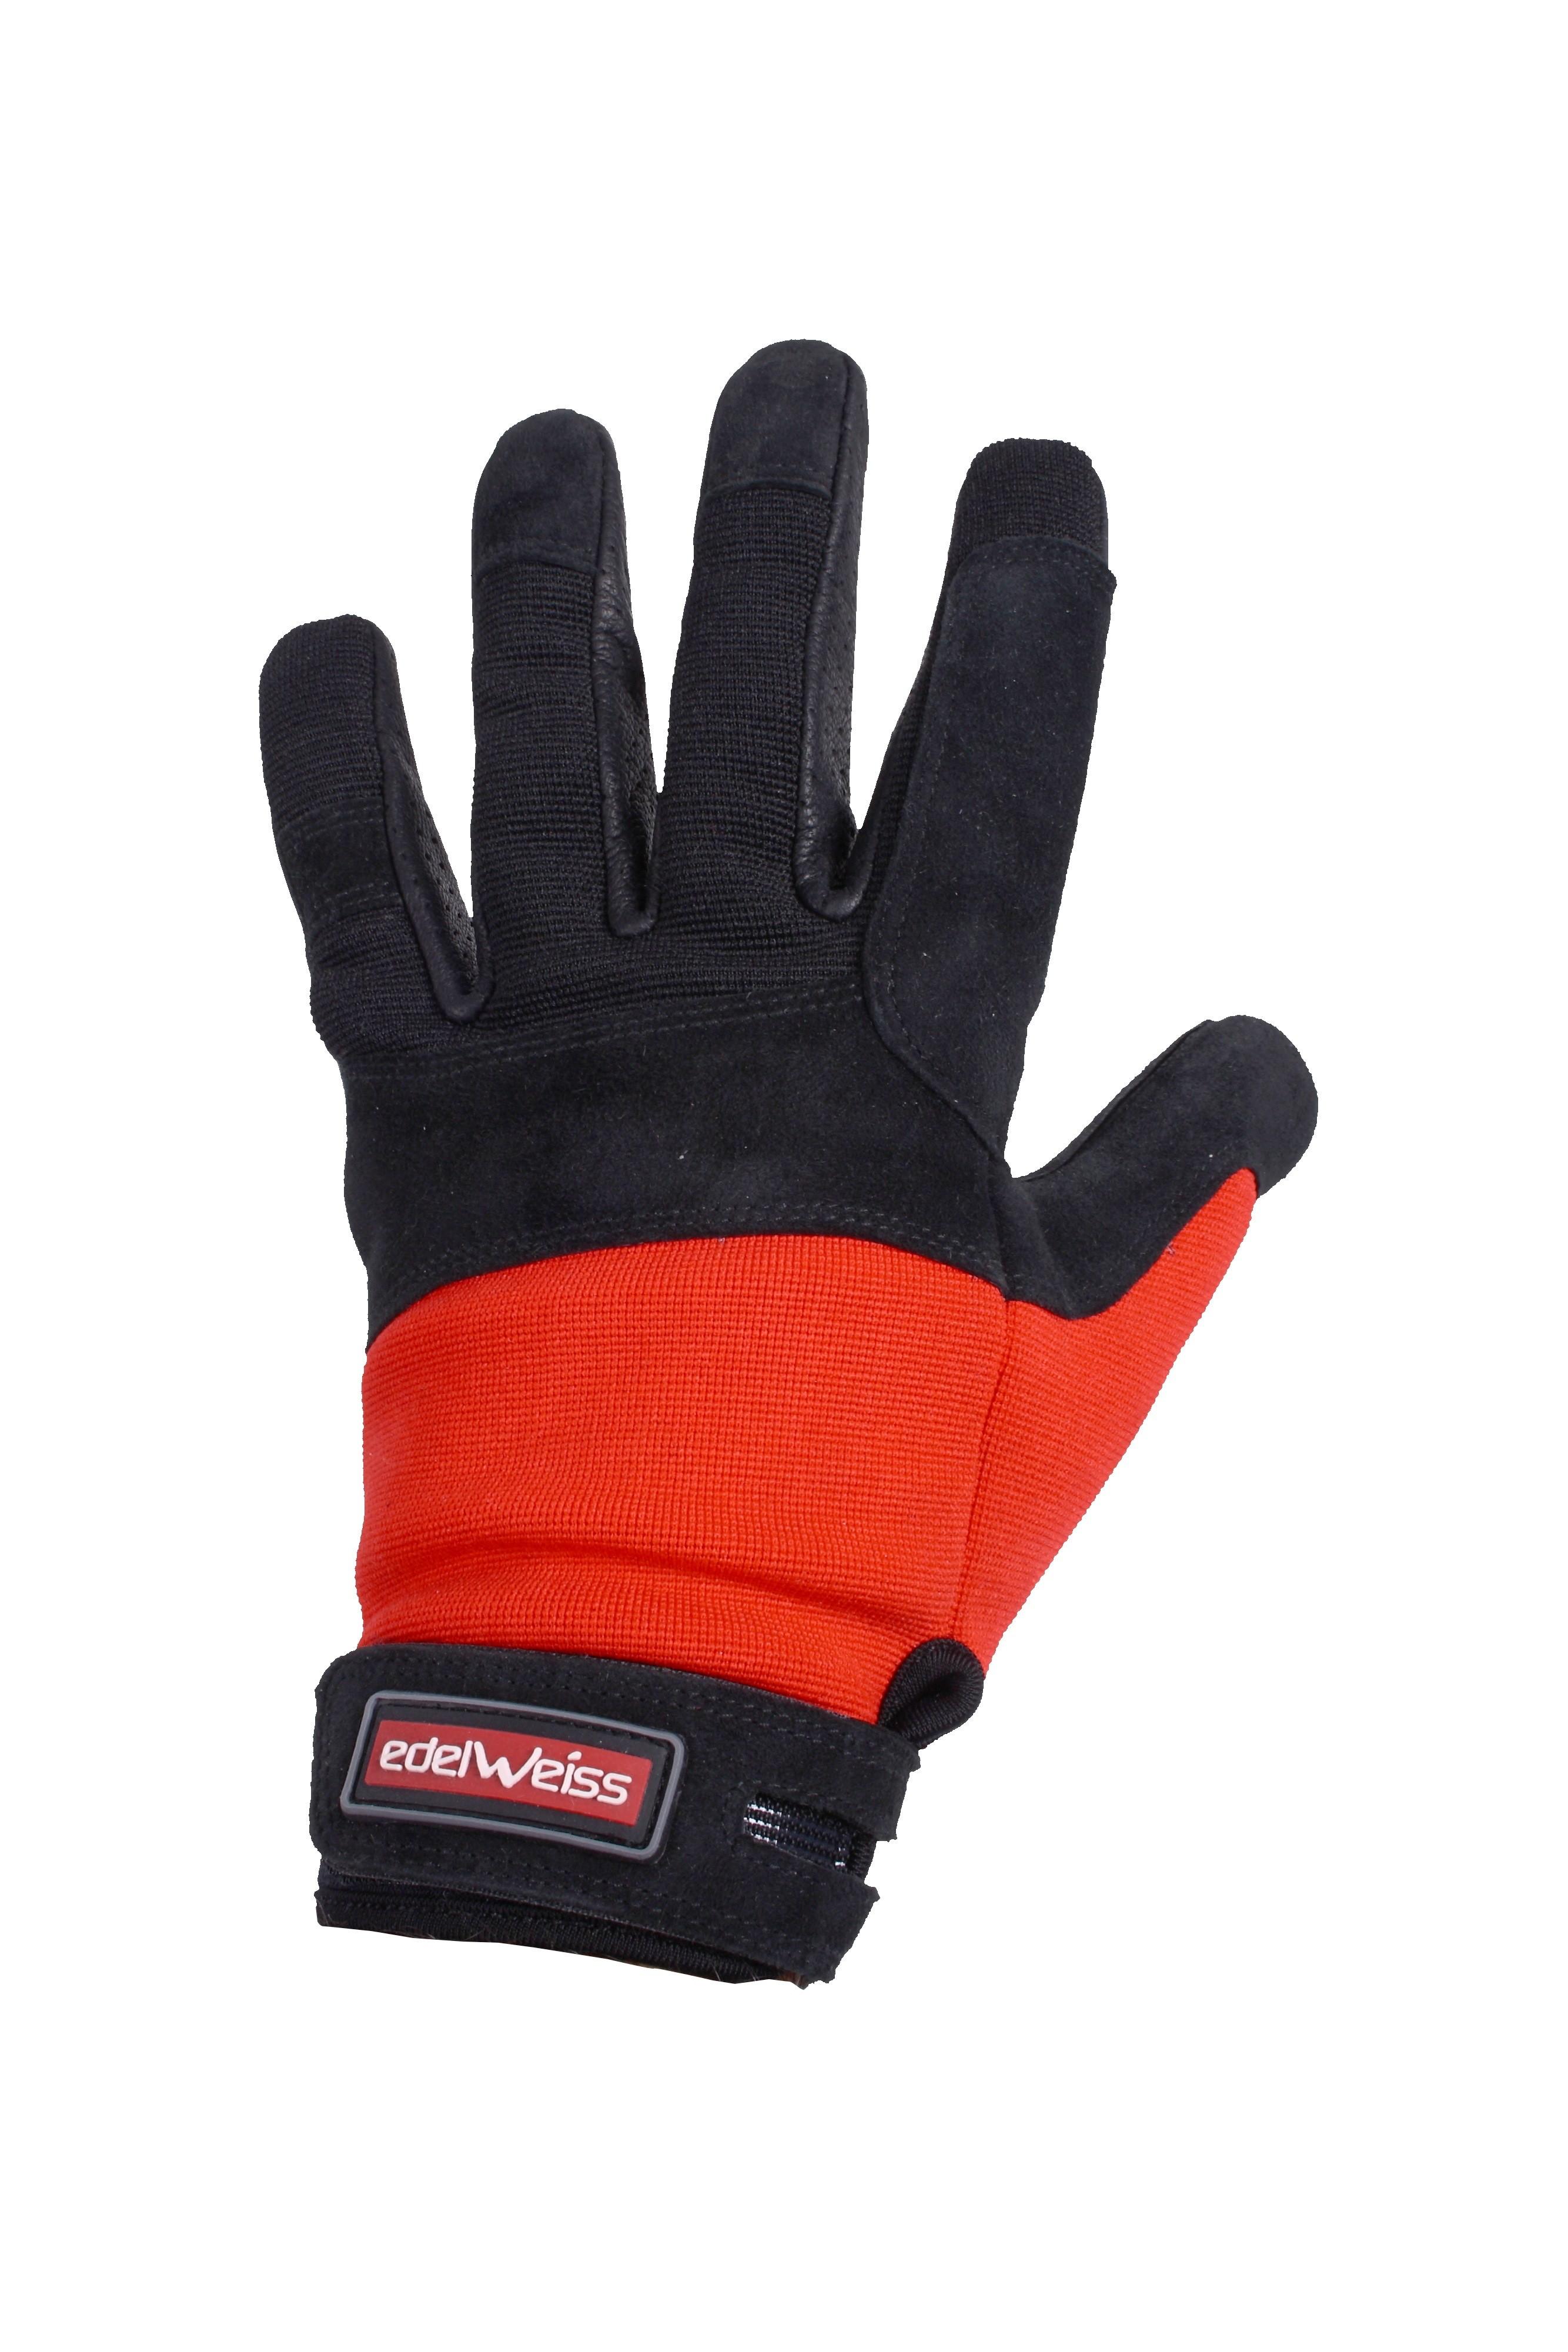 CONTROL glove